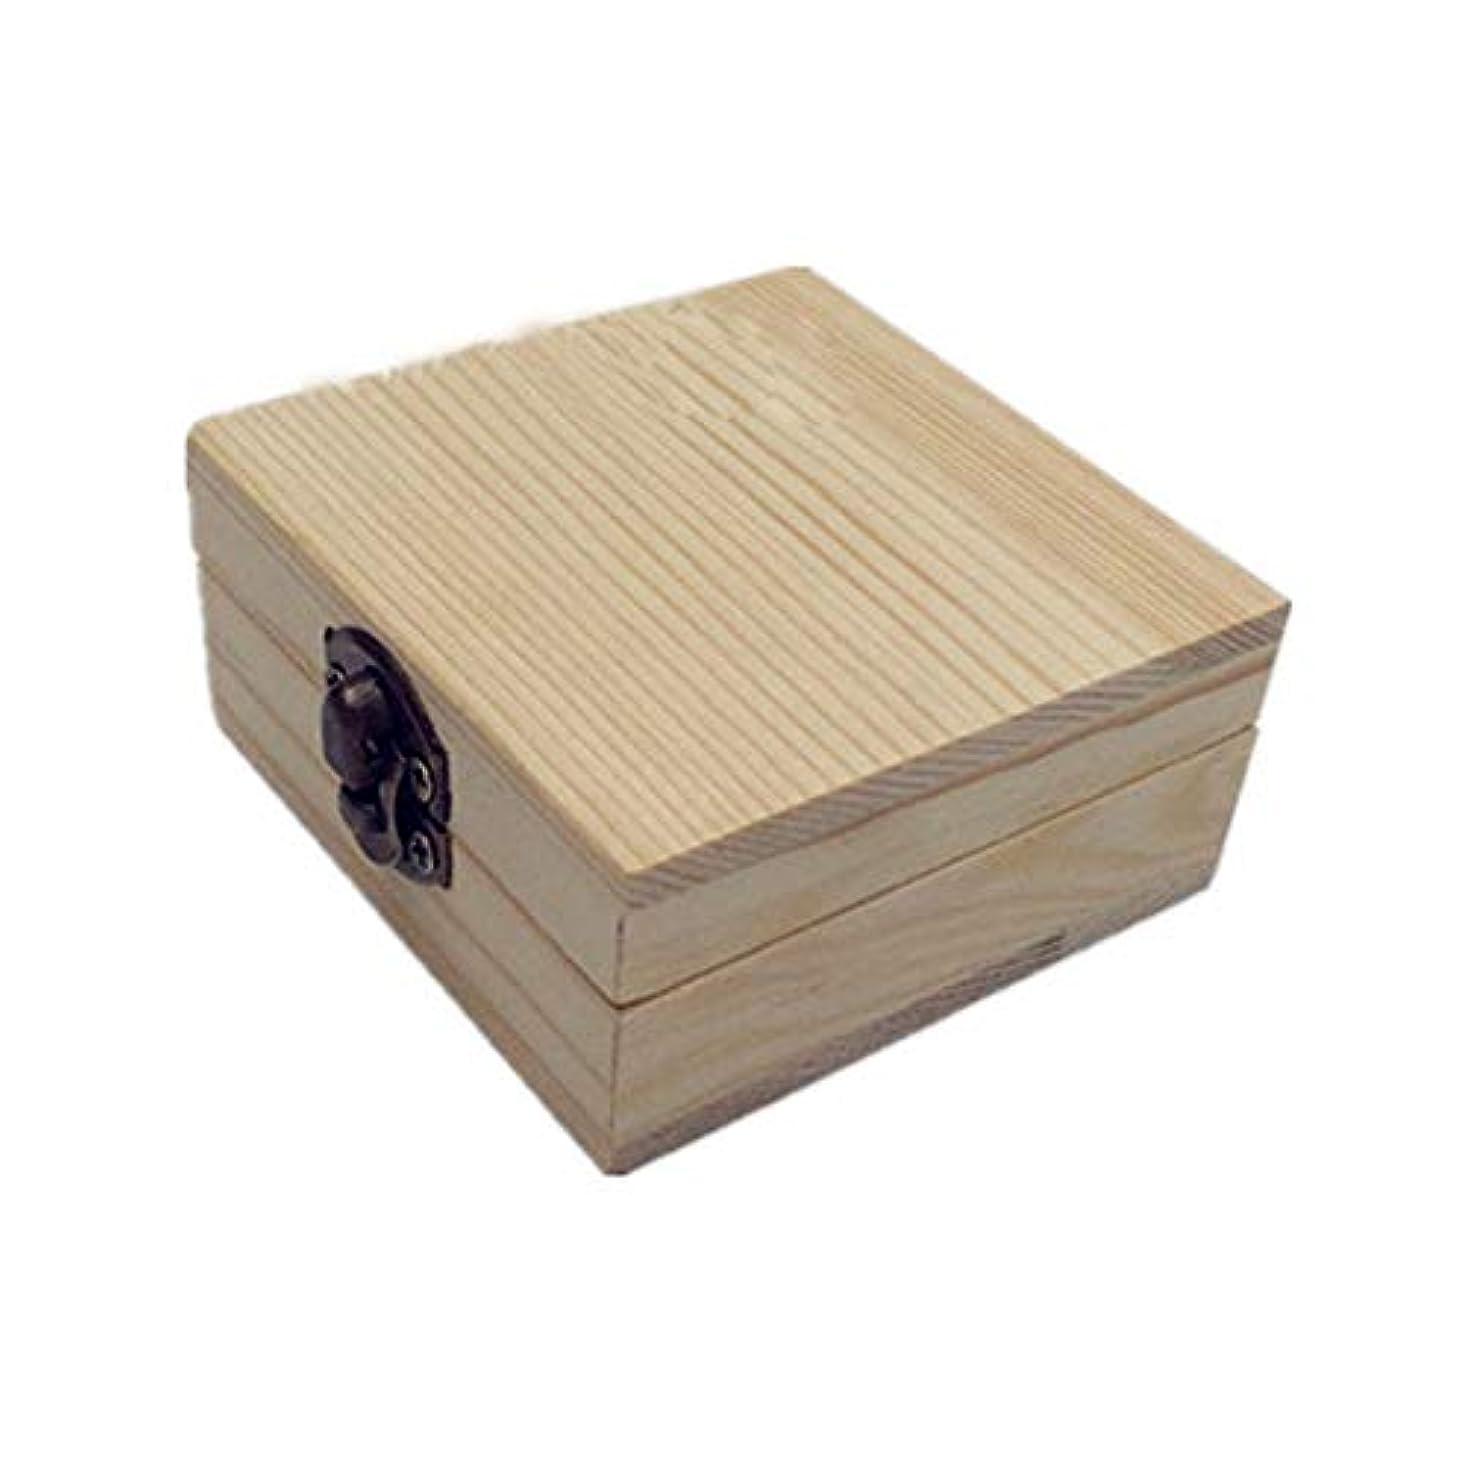 冒険ハリウッドサイレントエッセンシャルオイル収納ボックス エッセンシャルオイルのボトル2本は、木材のオイルボックスのオイル完璧なケースに適用されます 丈夫で持ち運びが簡単 (色 : Natural, サイズ : 7X7X3.5CM)